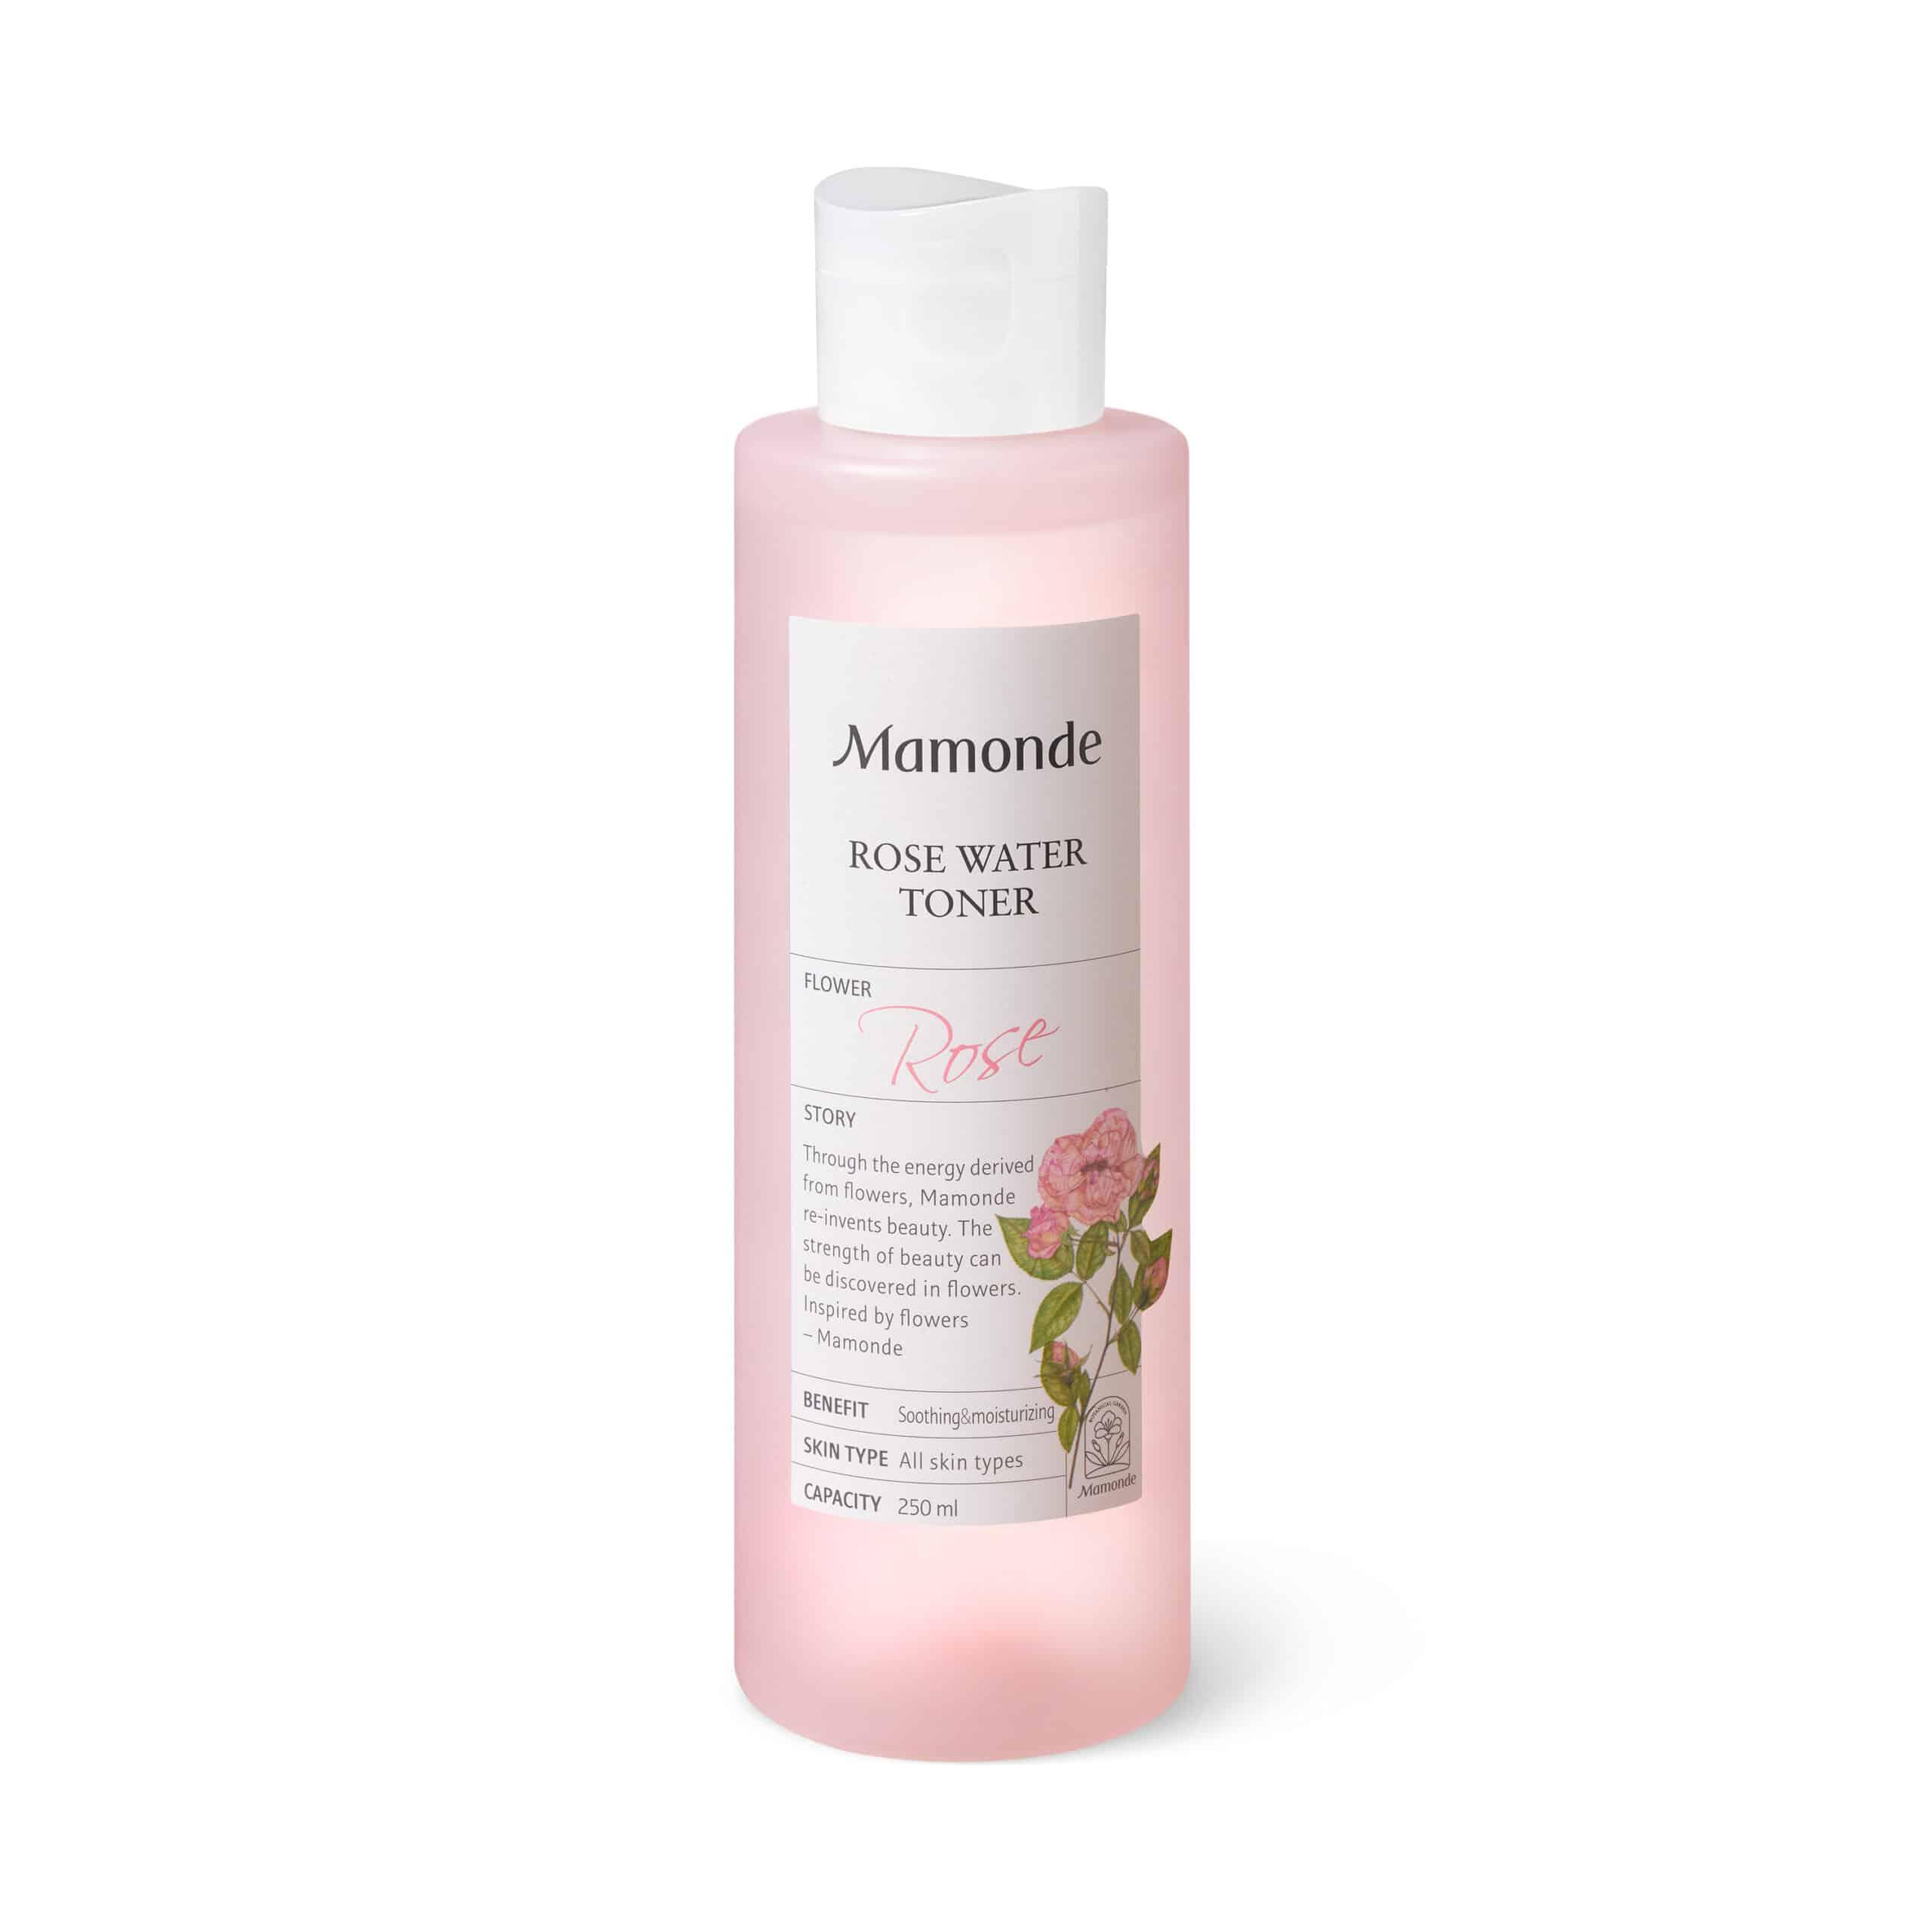 Rose-Water-Toner-Mamonde-scaled